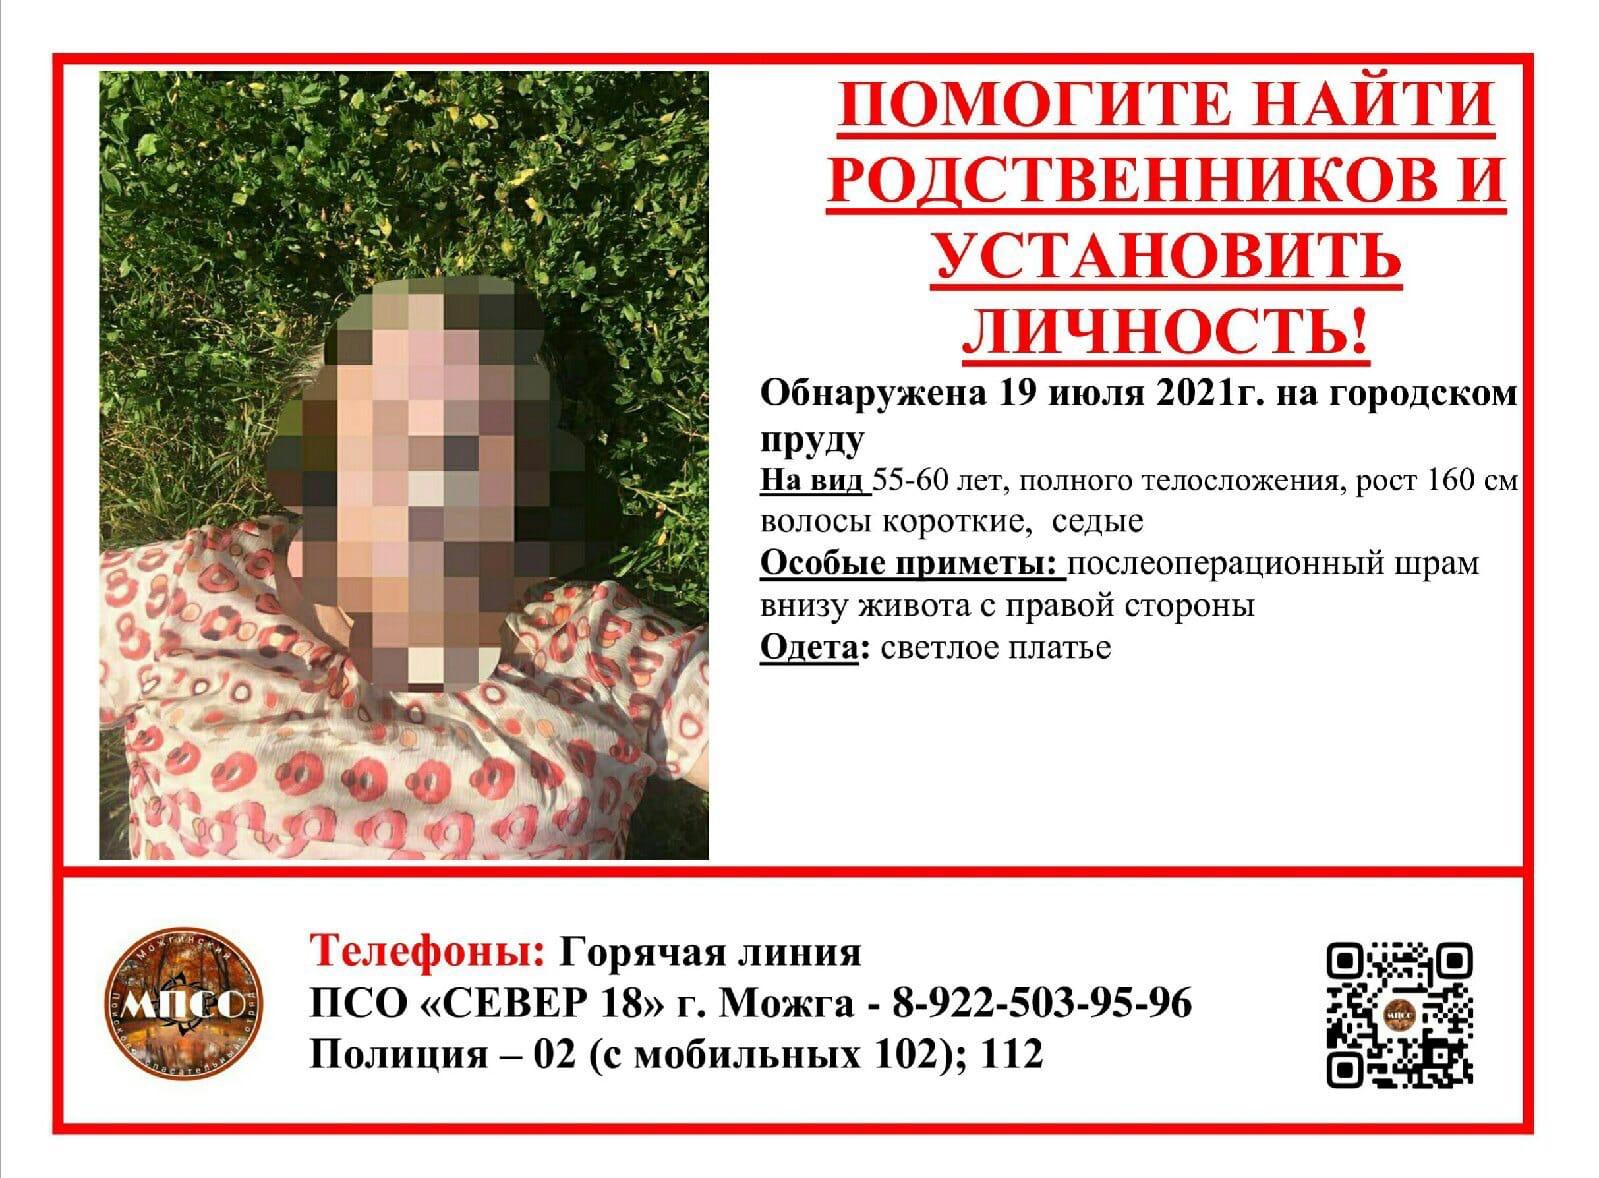 Сегодня на городском пруду обнаружено тело женщины.